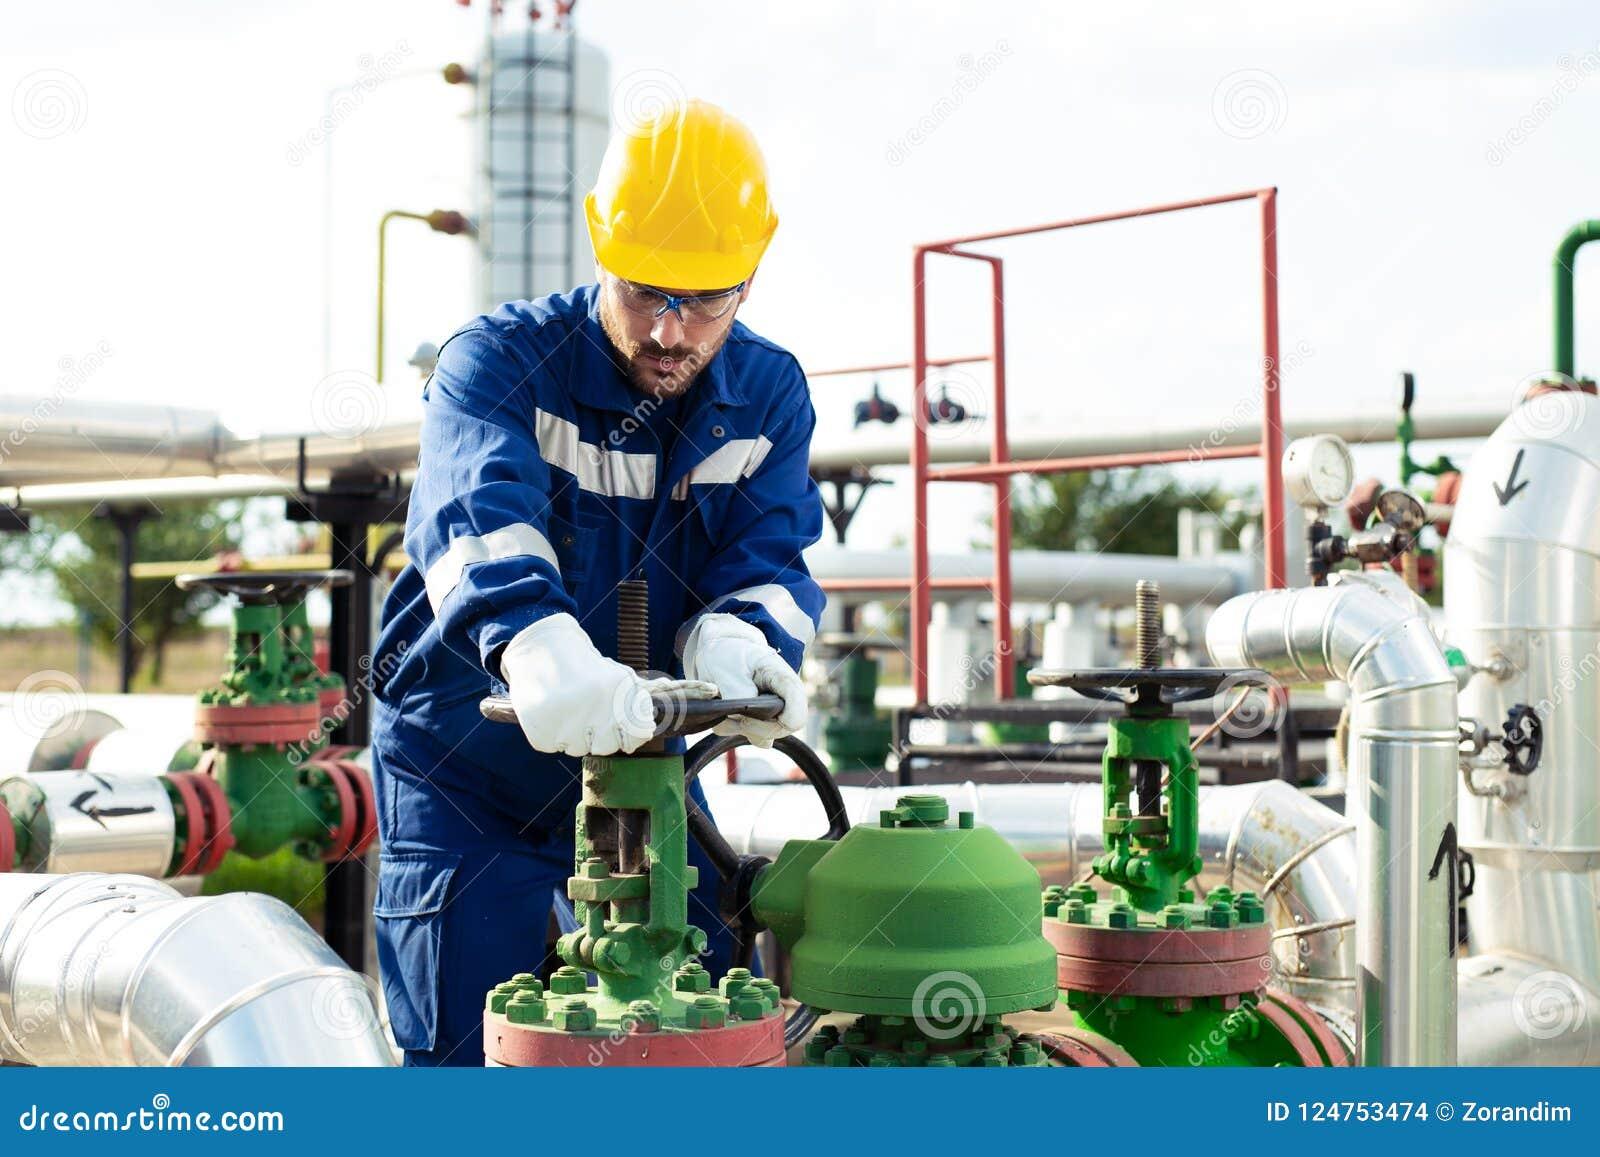 El trabajador cierra la válvula en el oleoducto